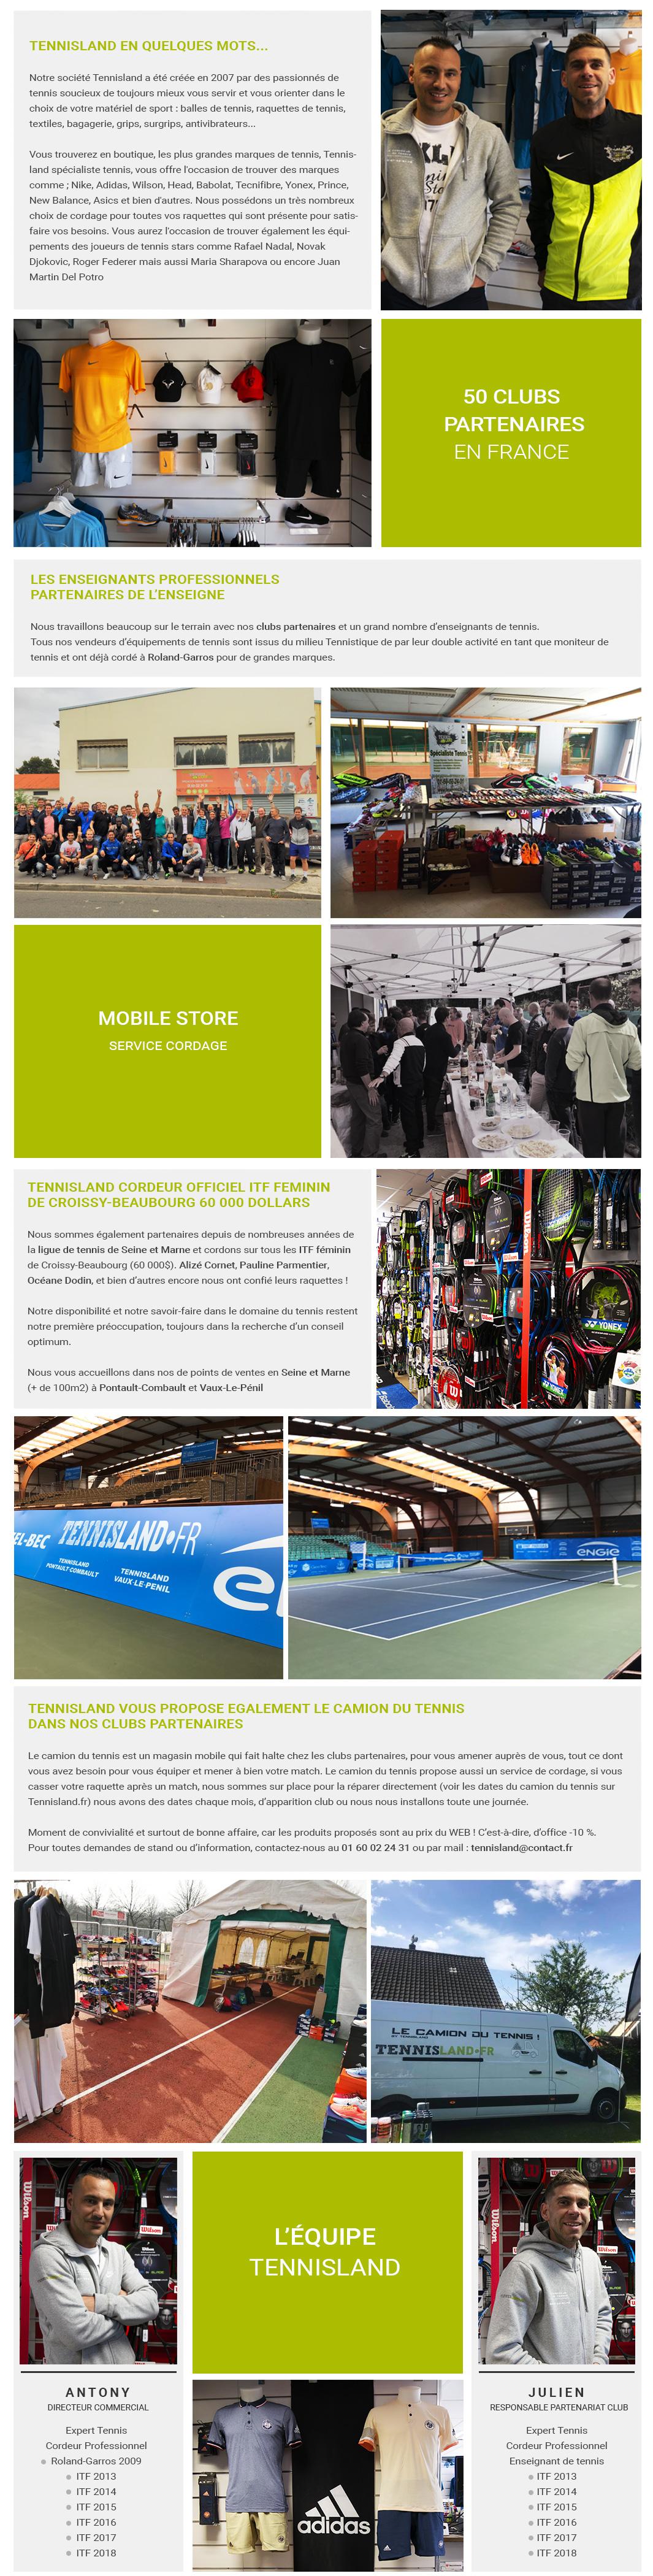 Tennisland et ses clubs partenaires